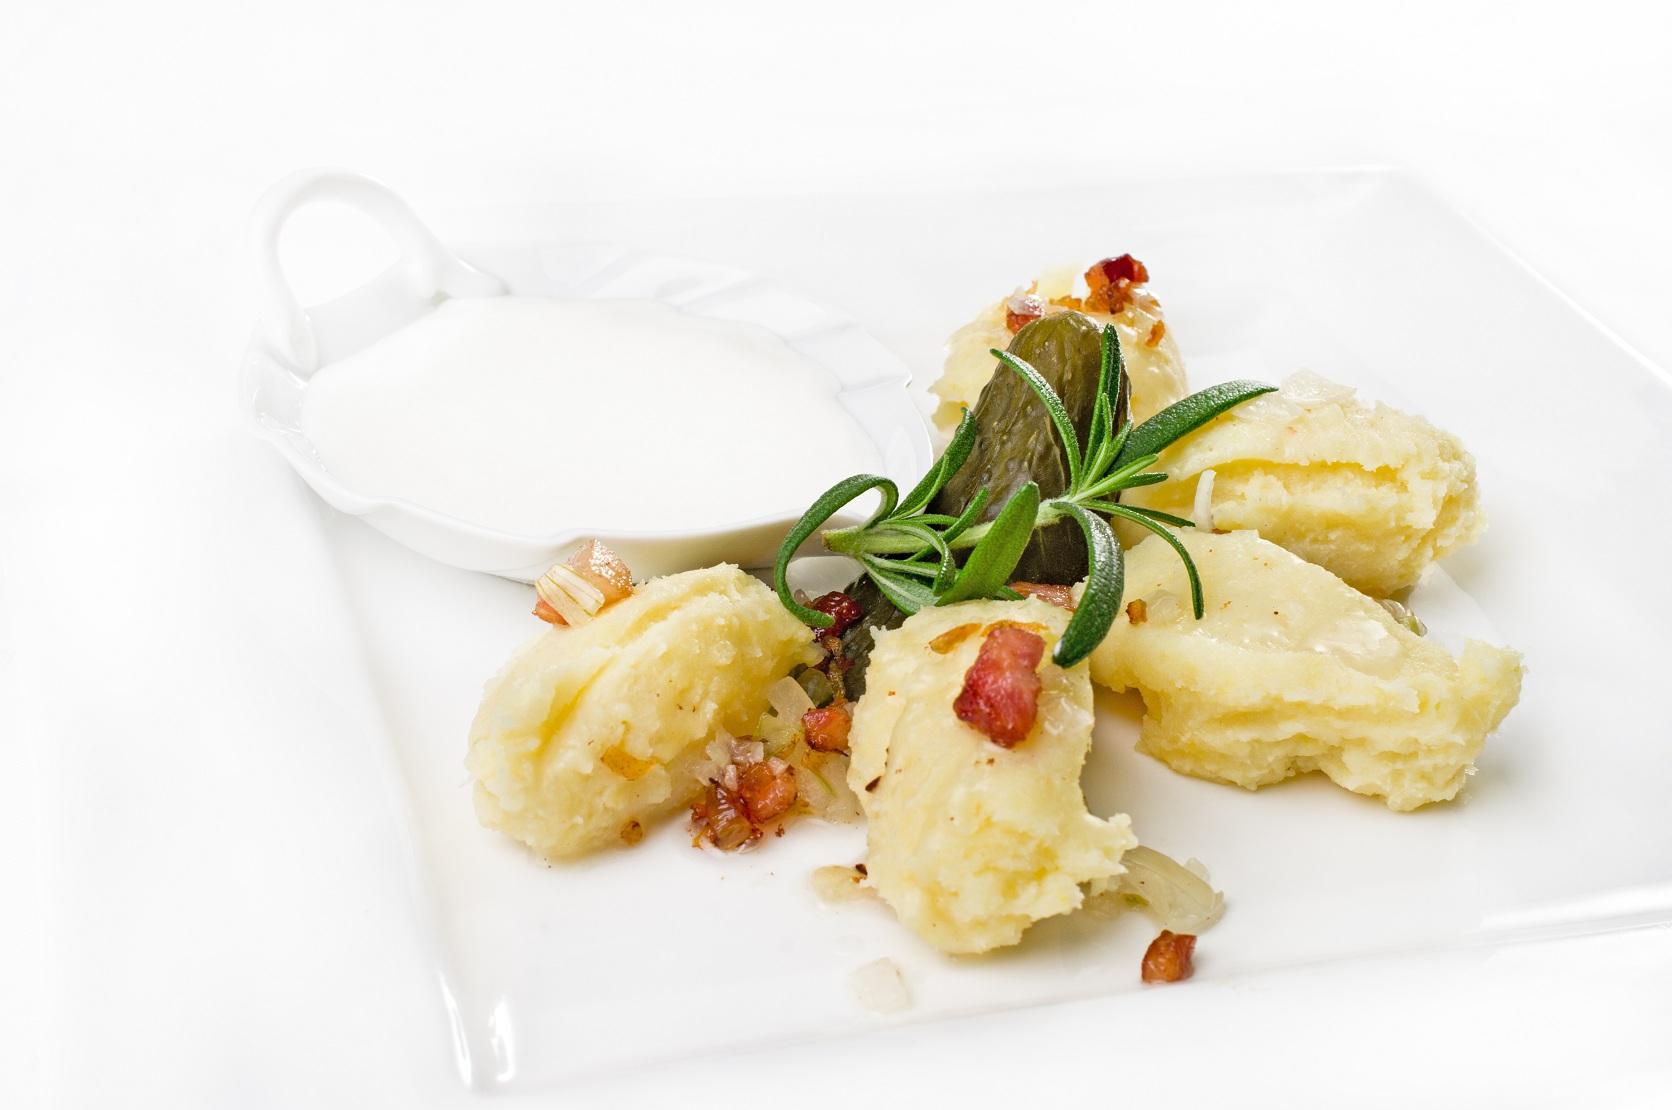 Tradycje kulinarne Częstochowy i okolic - Ślaskie smaki